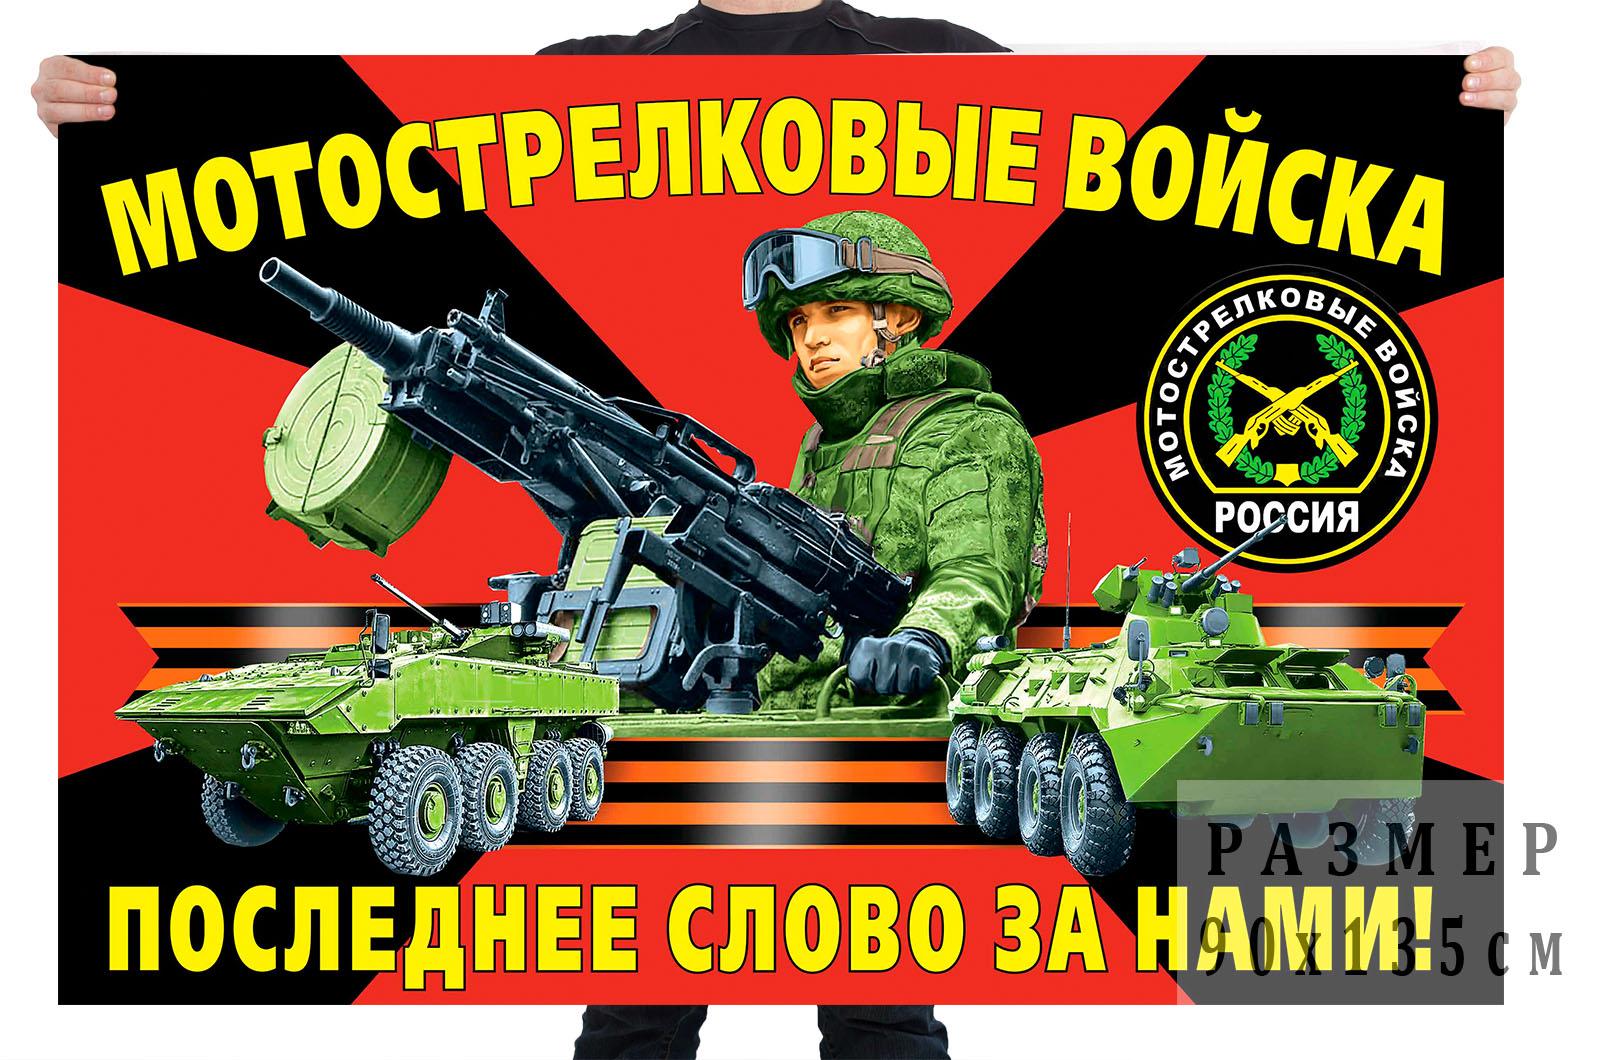 Флаг мотострелковых войск Российской Федерации